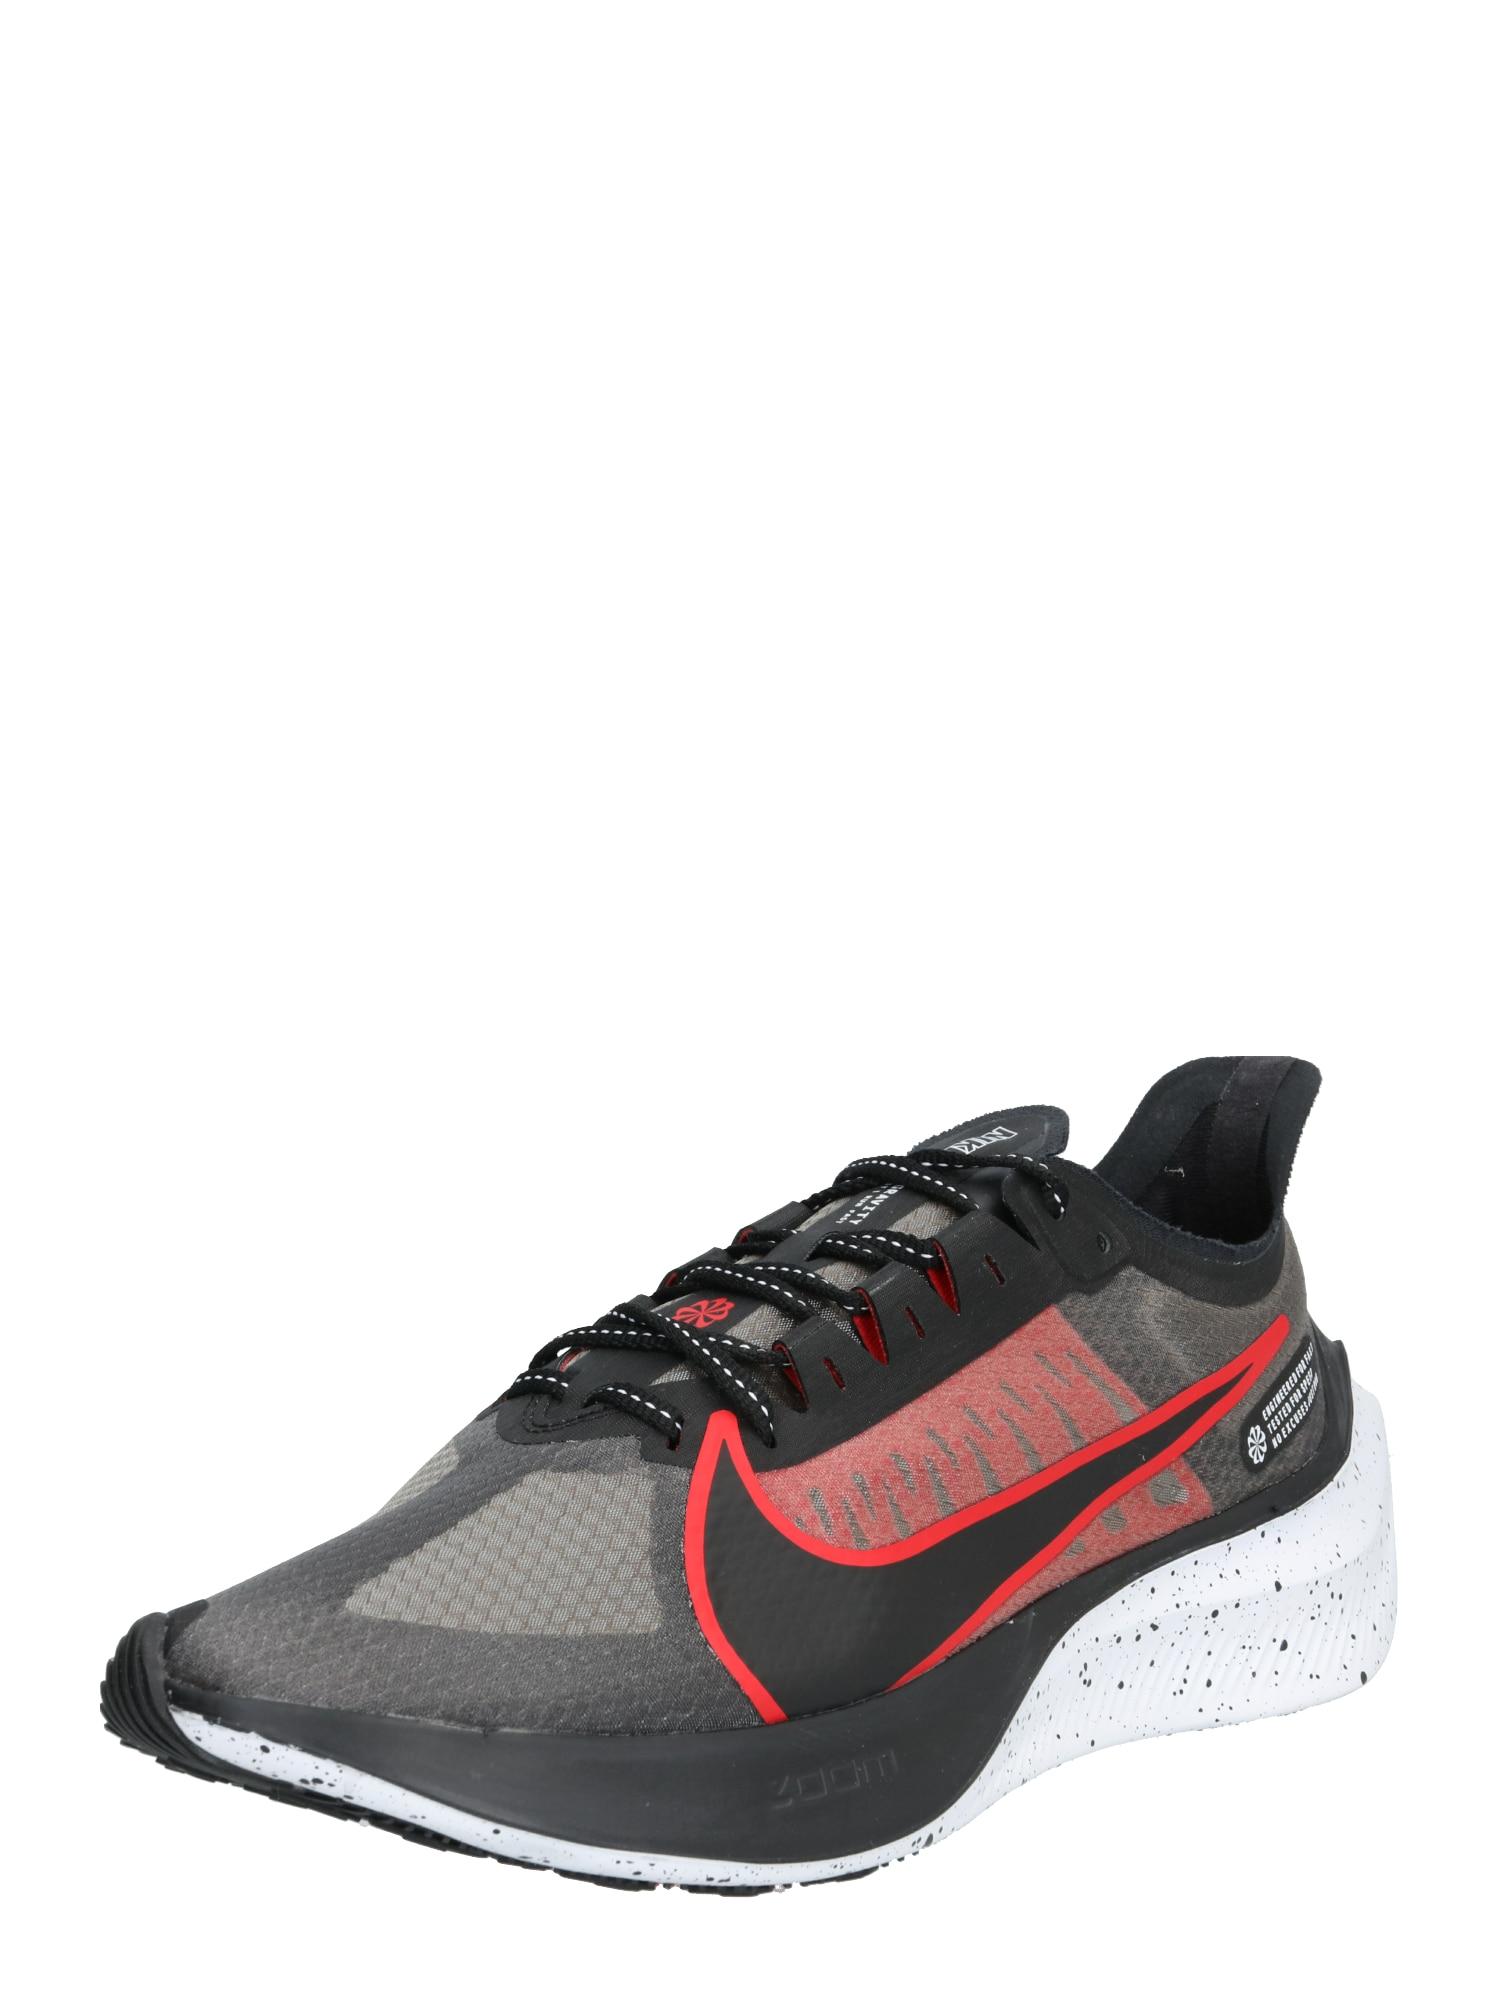 NIKE Bėgimo batai 'ZOOM GRAVITY' juoda / pilka / raudona